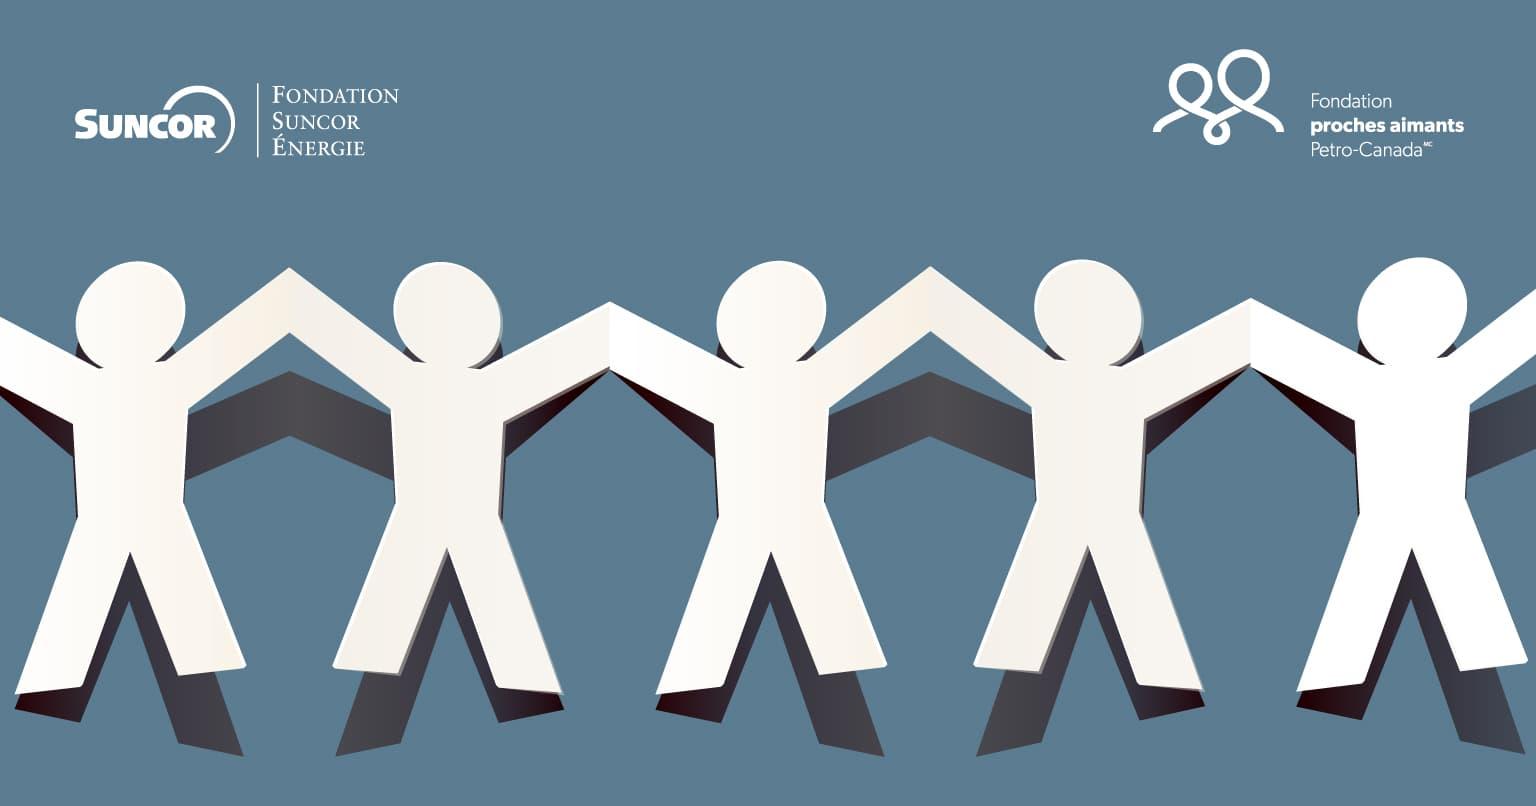 Les deux fondations de Suncor appuient les gens et les collectivités à l'échelle du pays.